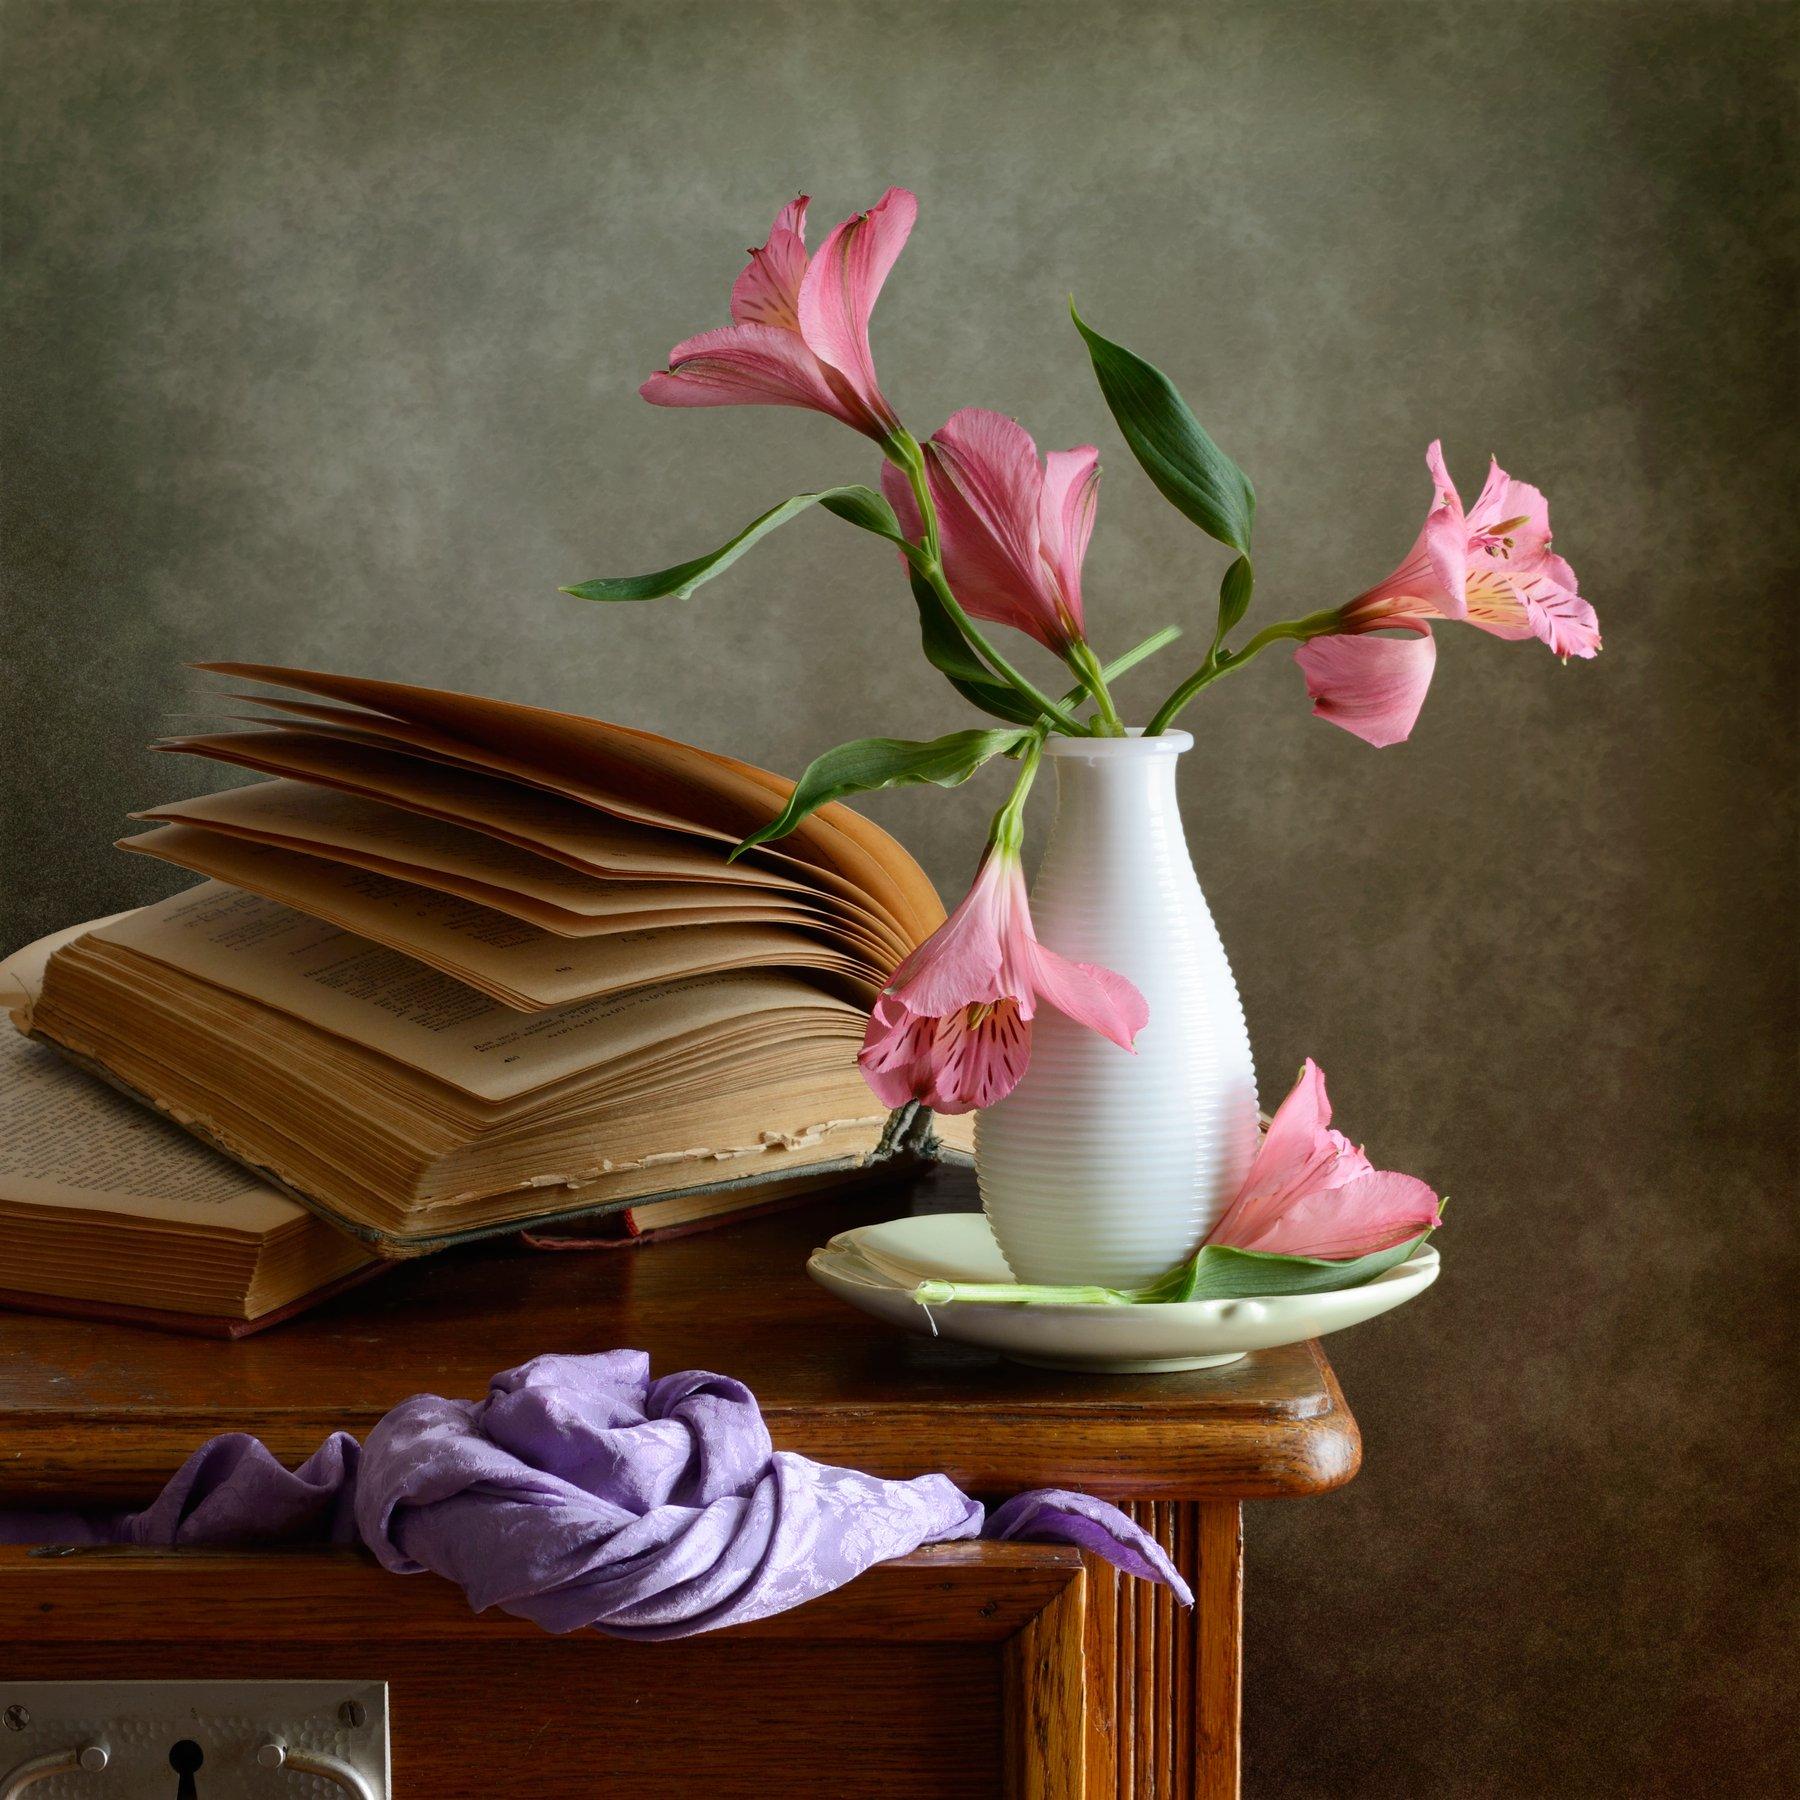 Классический, натюрморт, букет, мелкие, розовые, цветы, белая, ваза, старый, открытый, книга, фиолетовый, драпировка, интерьер, спальня, Николай Панов